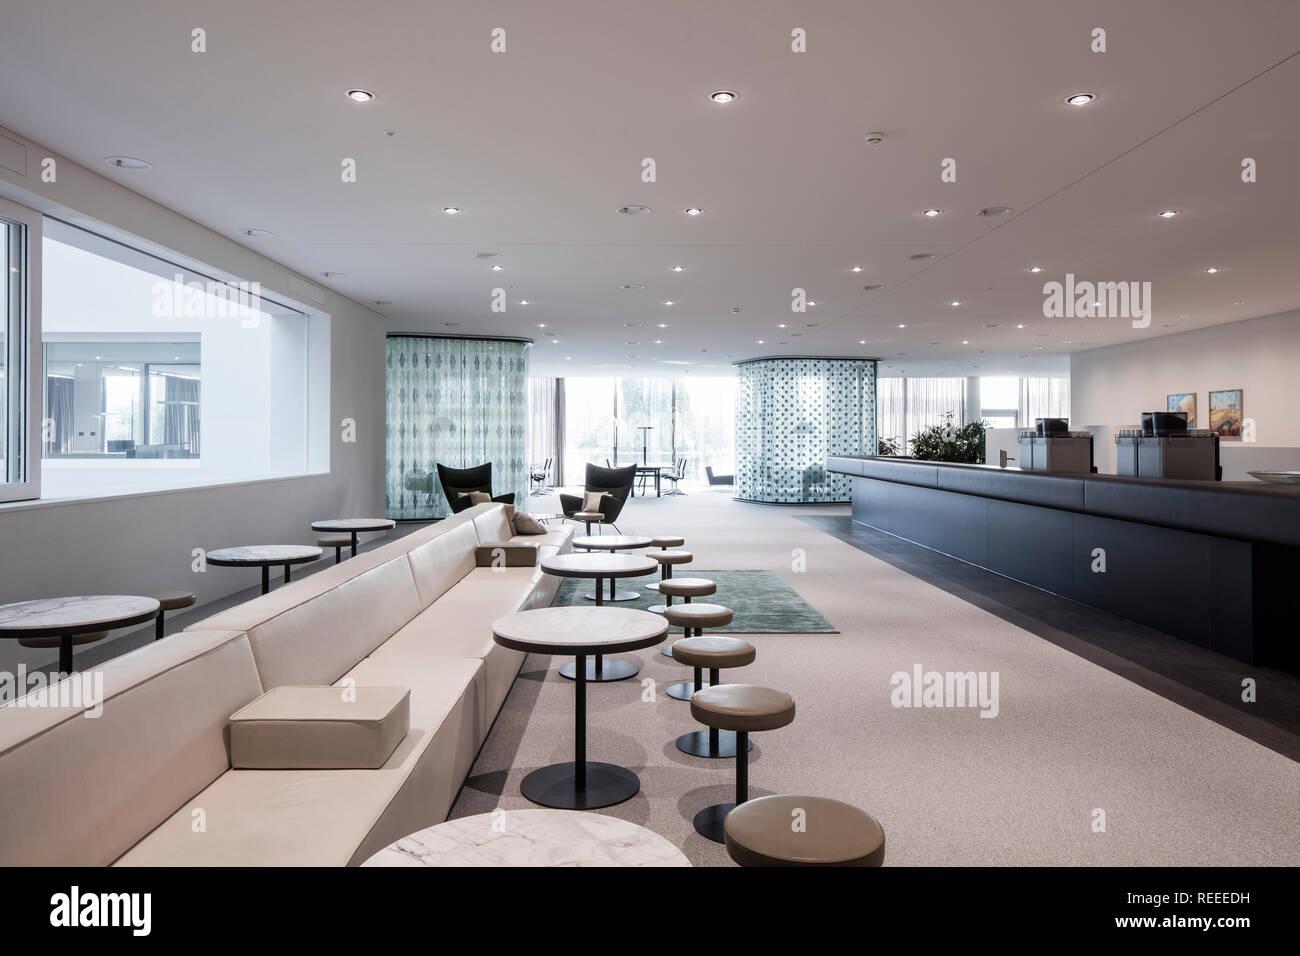 UfficioZurigo Lounge caffetteriaSwiss e sede Re bar zMSpVUq